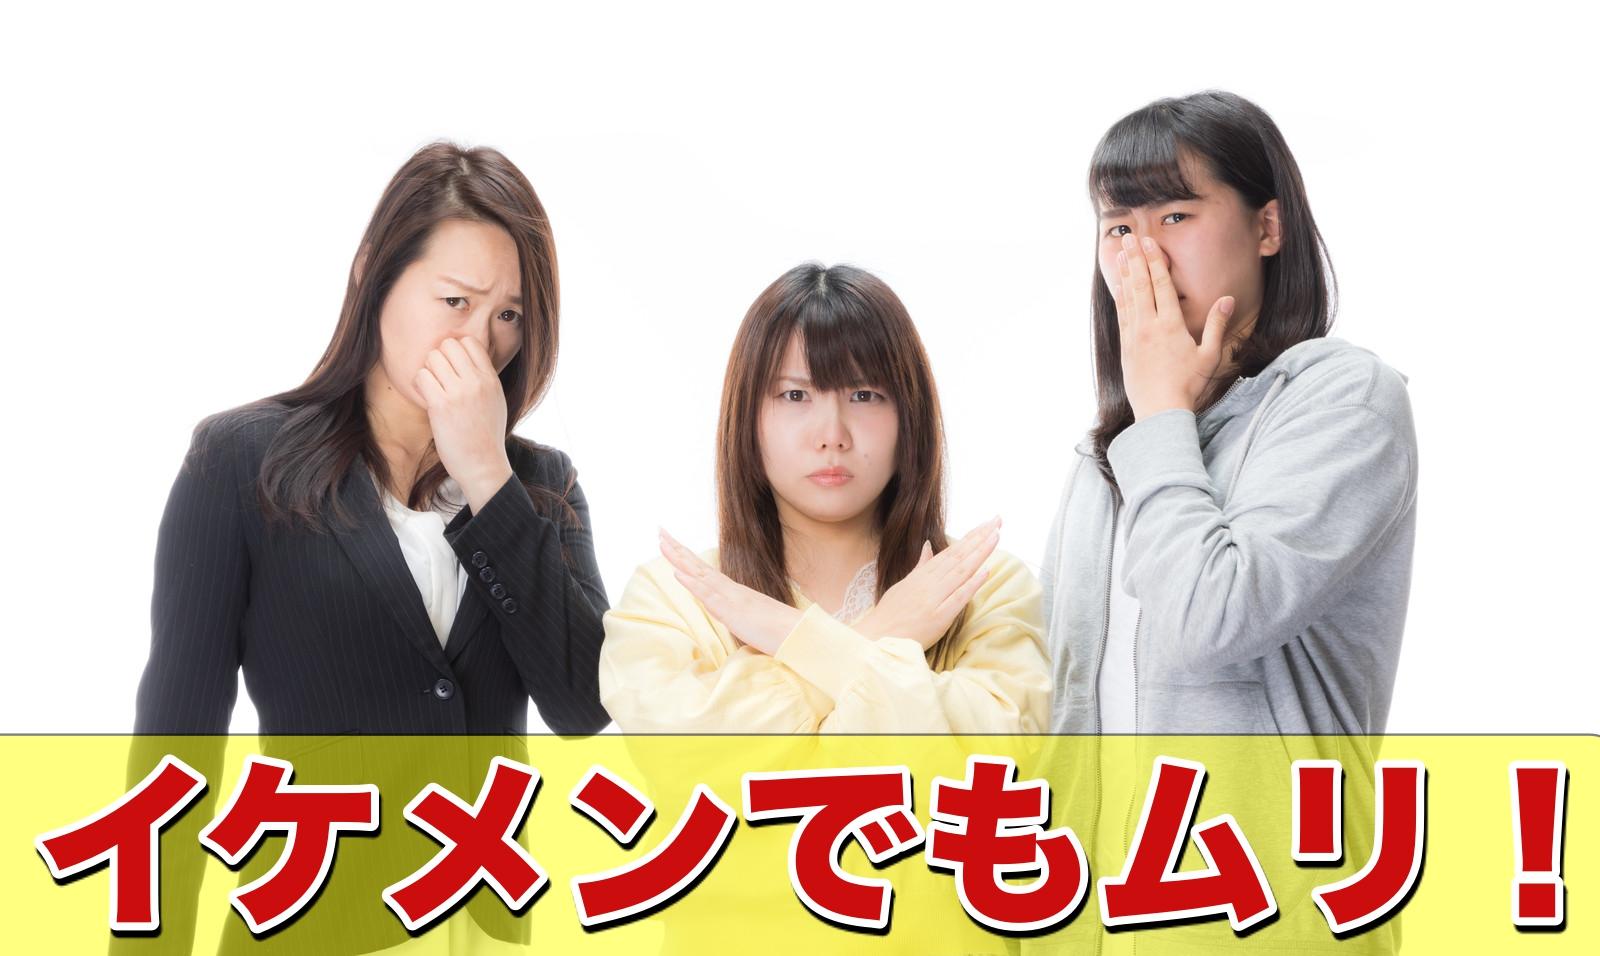 渋い表情をする女性たち